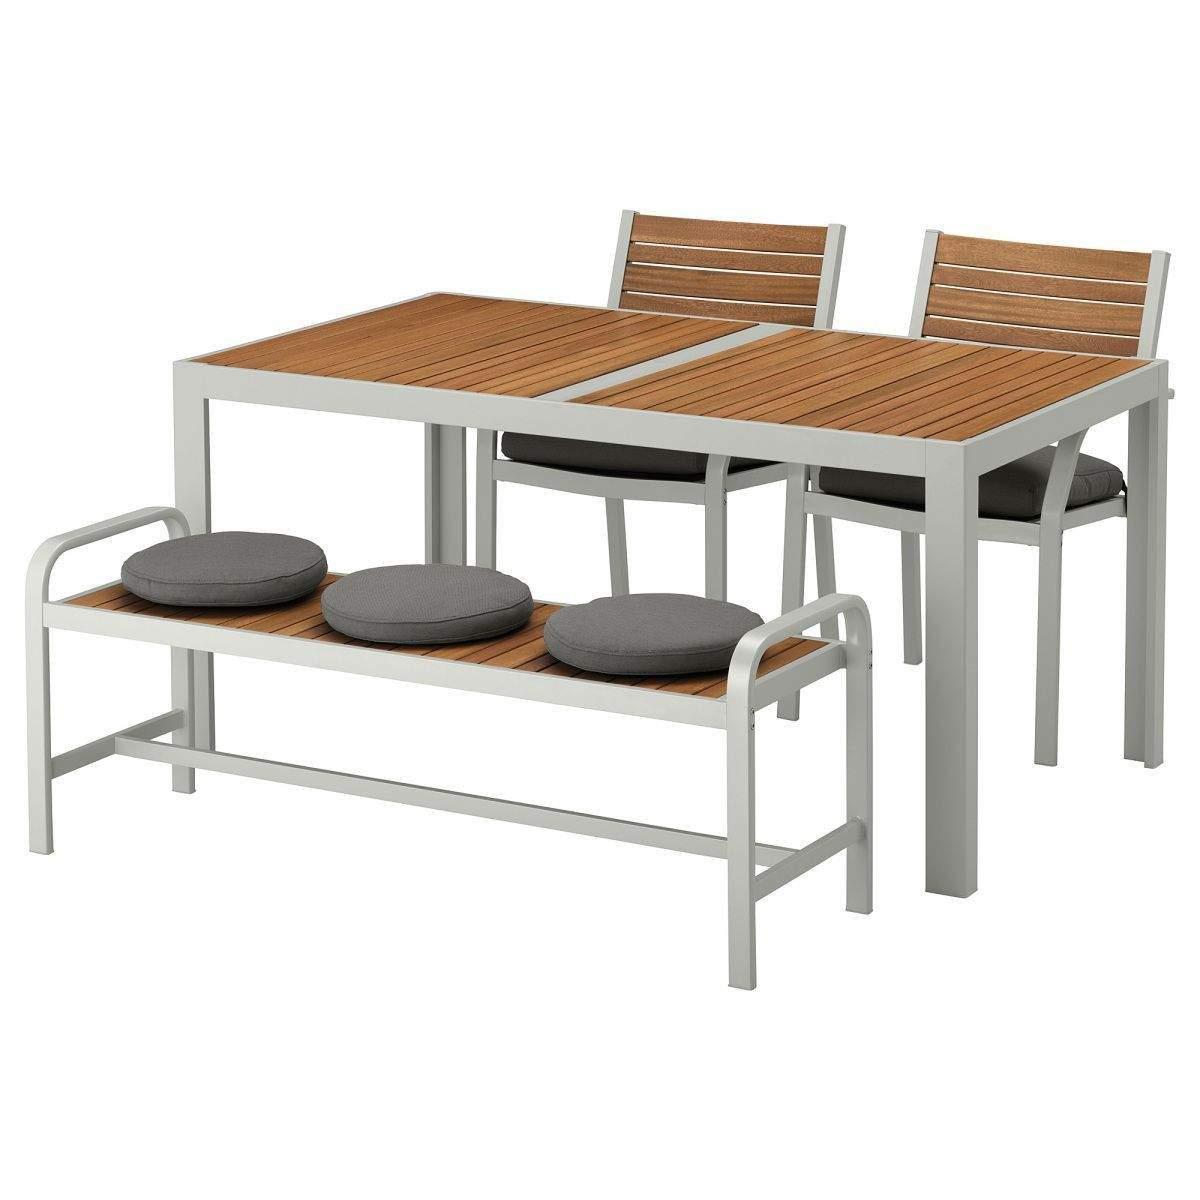 Wandschutz Für Stühle Aus Holz